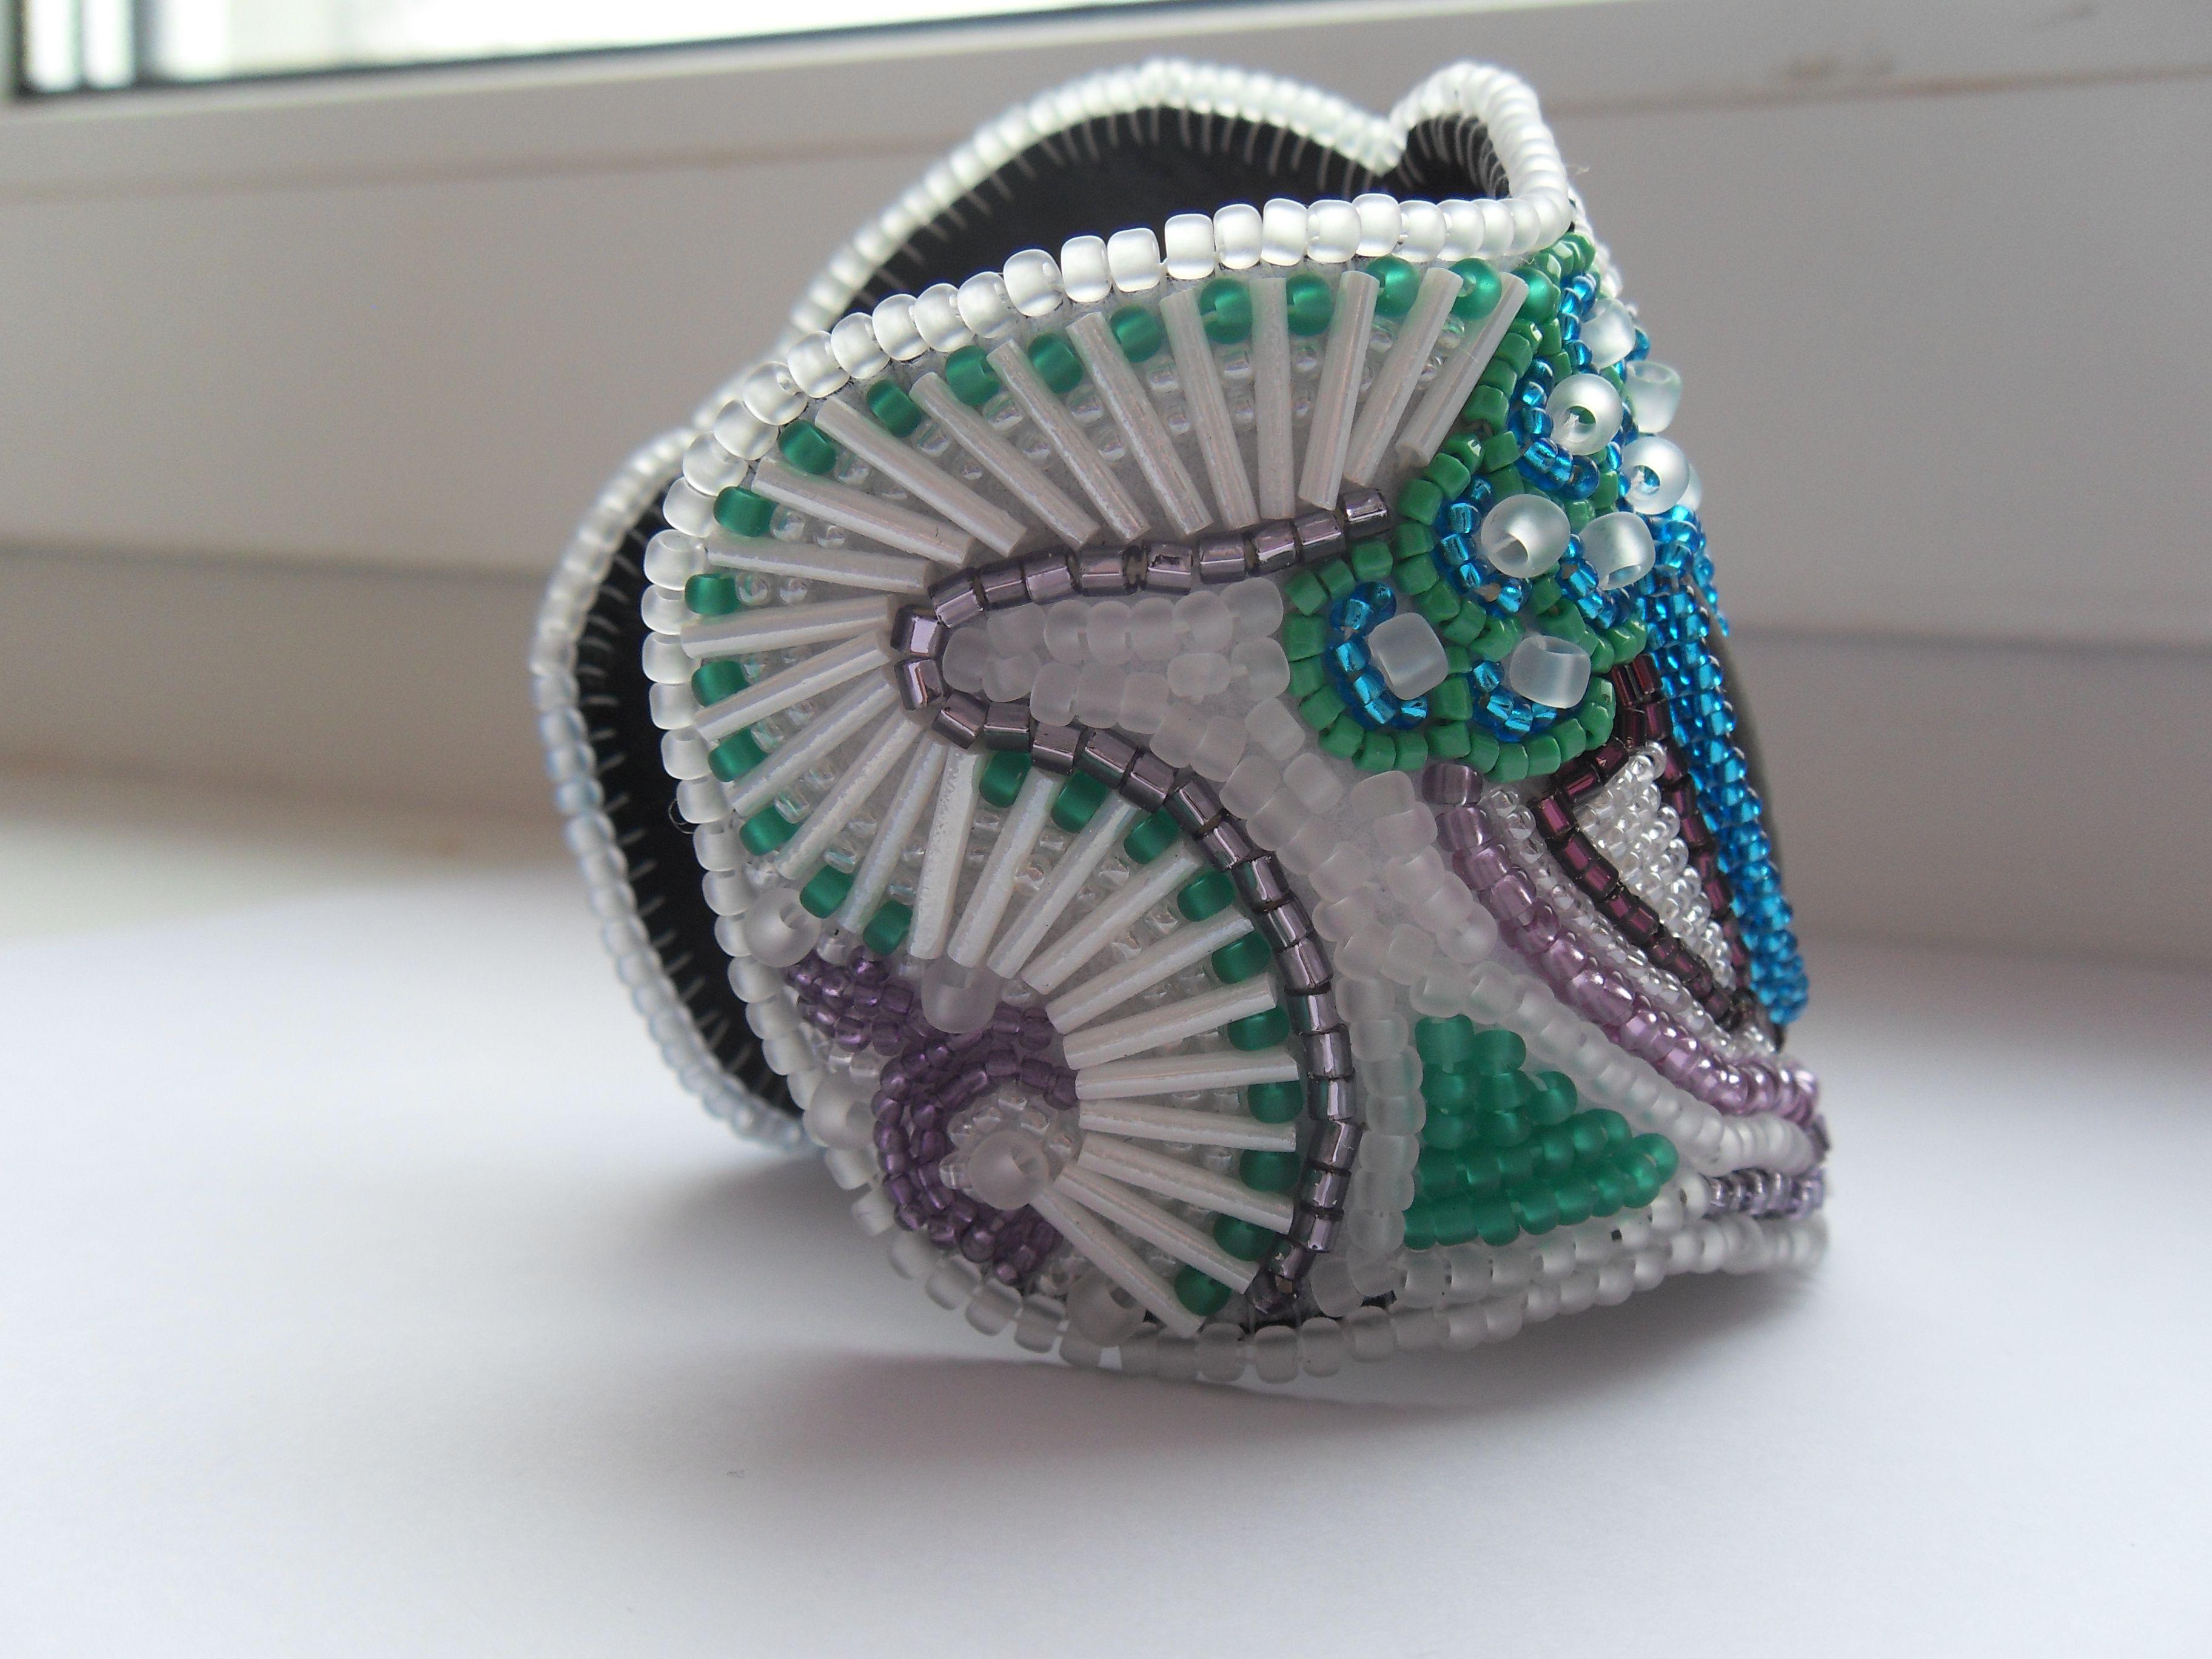 подарок браслет купить японскийбисер обсидиан сиреневый купитьбраслет украшение аленаэир чешскийбисер голубой белый вышивкабисером